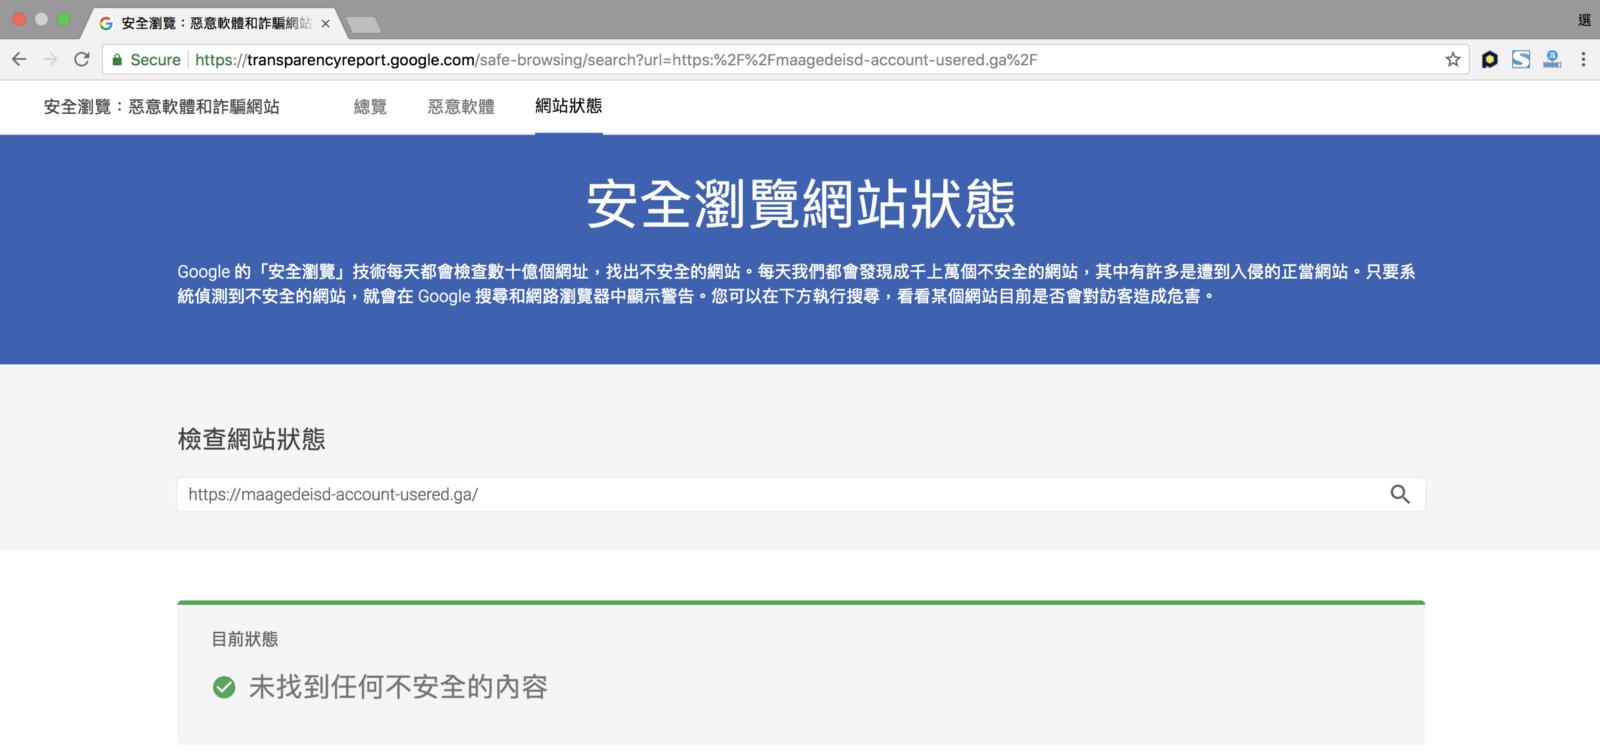 圖:將第一個圖中的釣魚網址去Google安全瀏覽搜尋,也無法判斷是不安全的網站